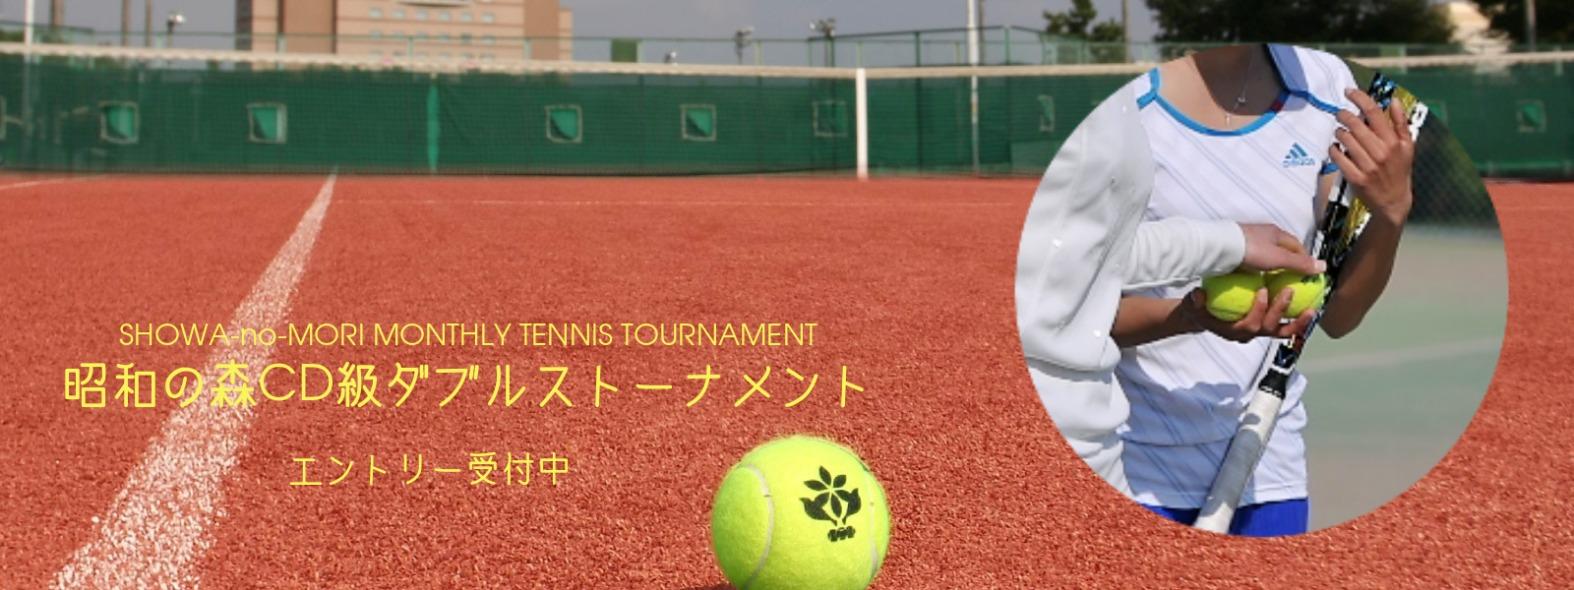 昭和の森CD級ダブルストーナメント 女子 昭和の森テニスセンター(東京都昭島市)